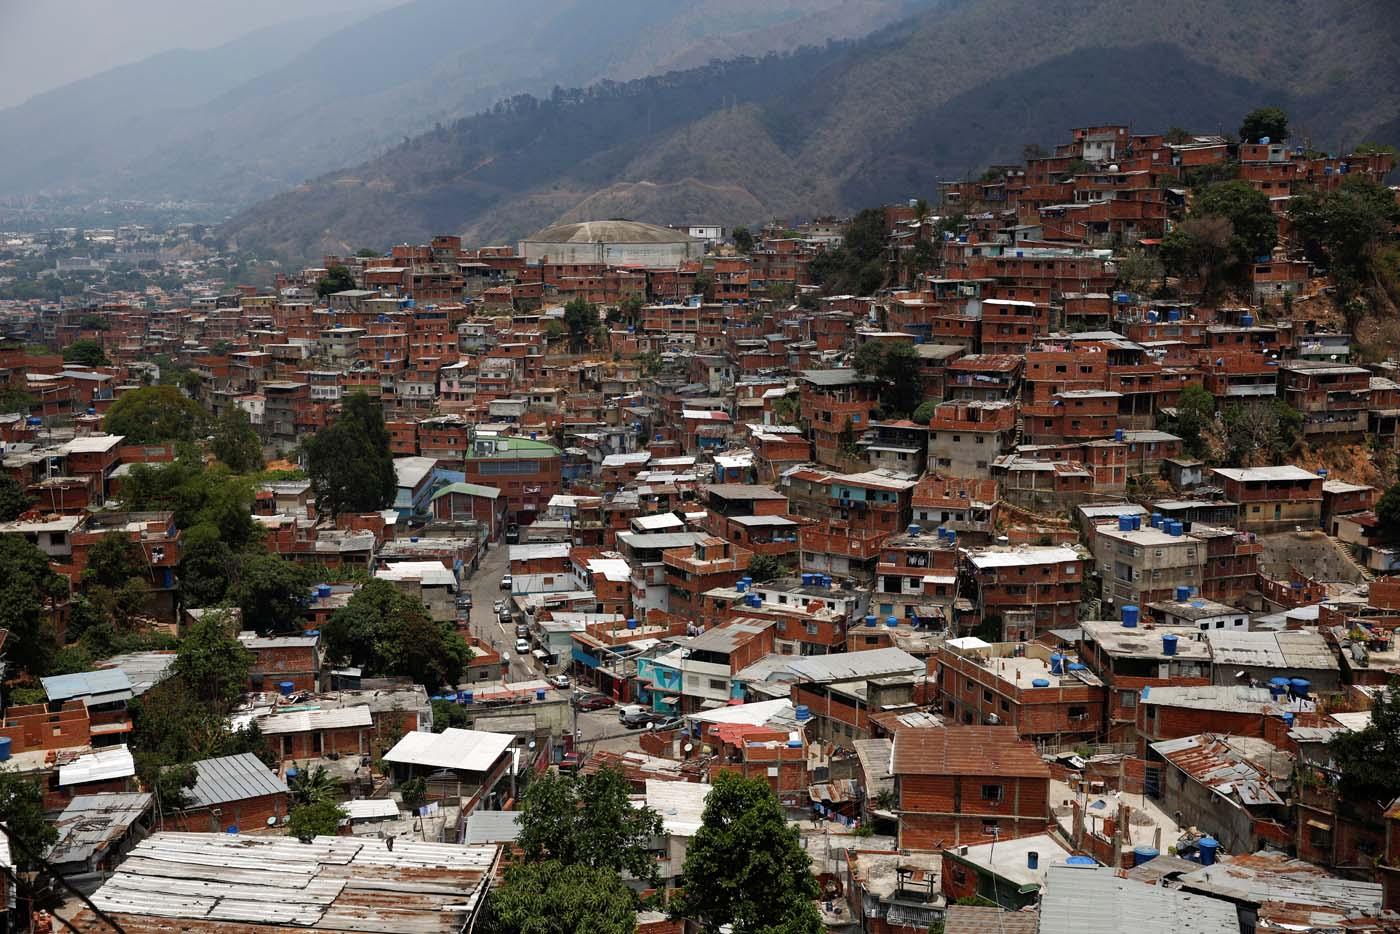 Petare, donde está ubicado el llamado callejón de los brujos (Foto archivo Reuters)